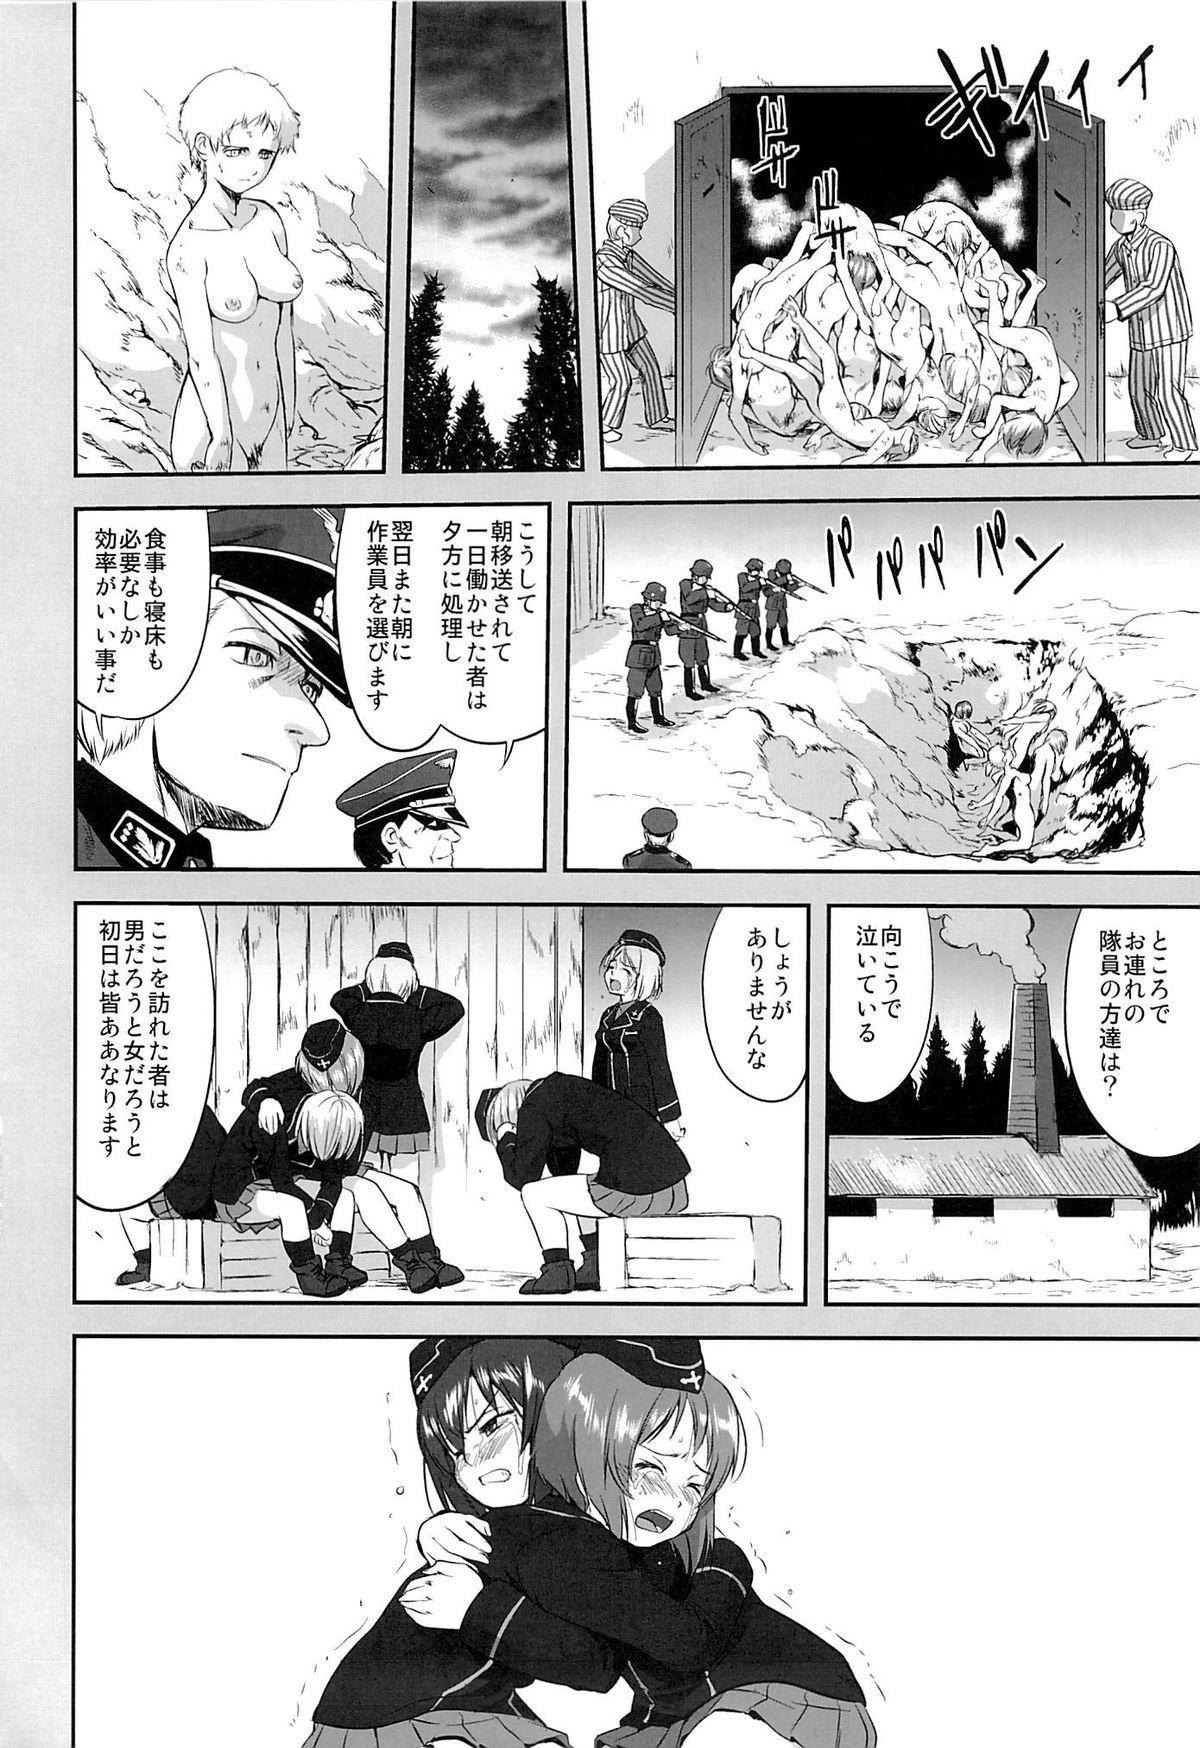 Yukiyukite Senshadou Kuromorimine no Tatakai 6